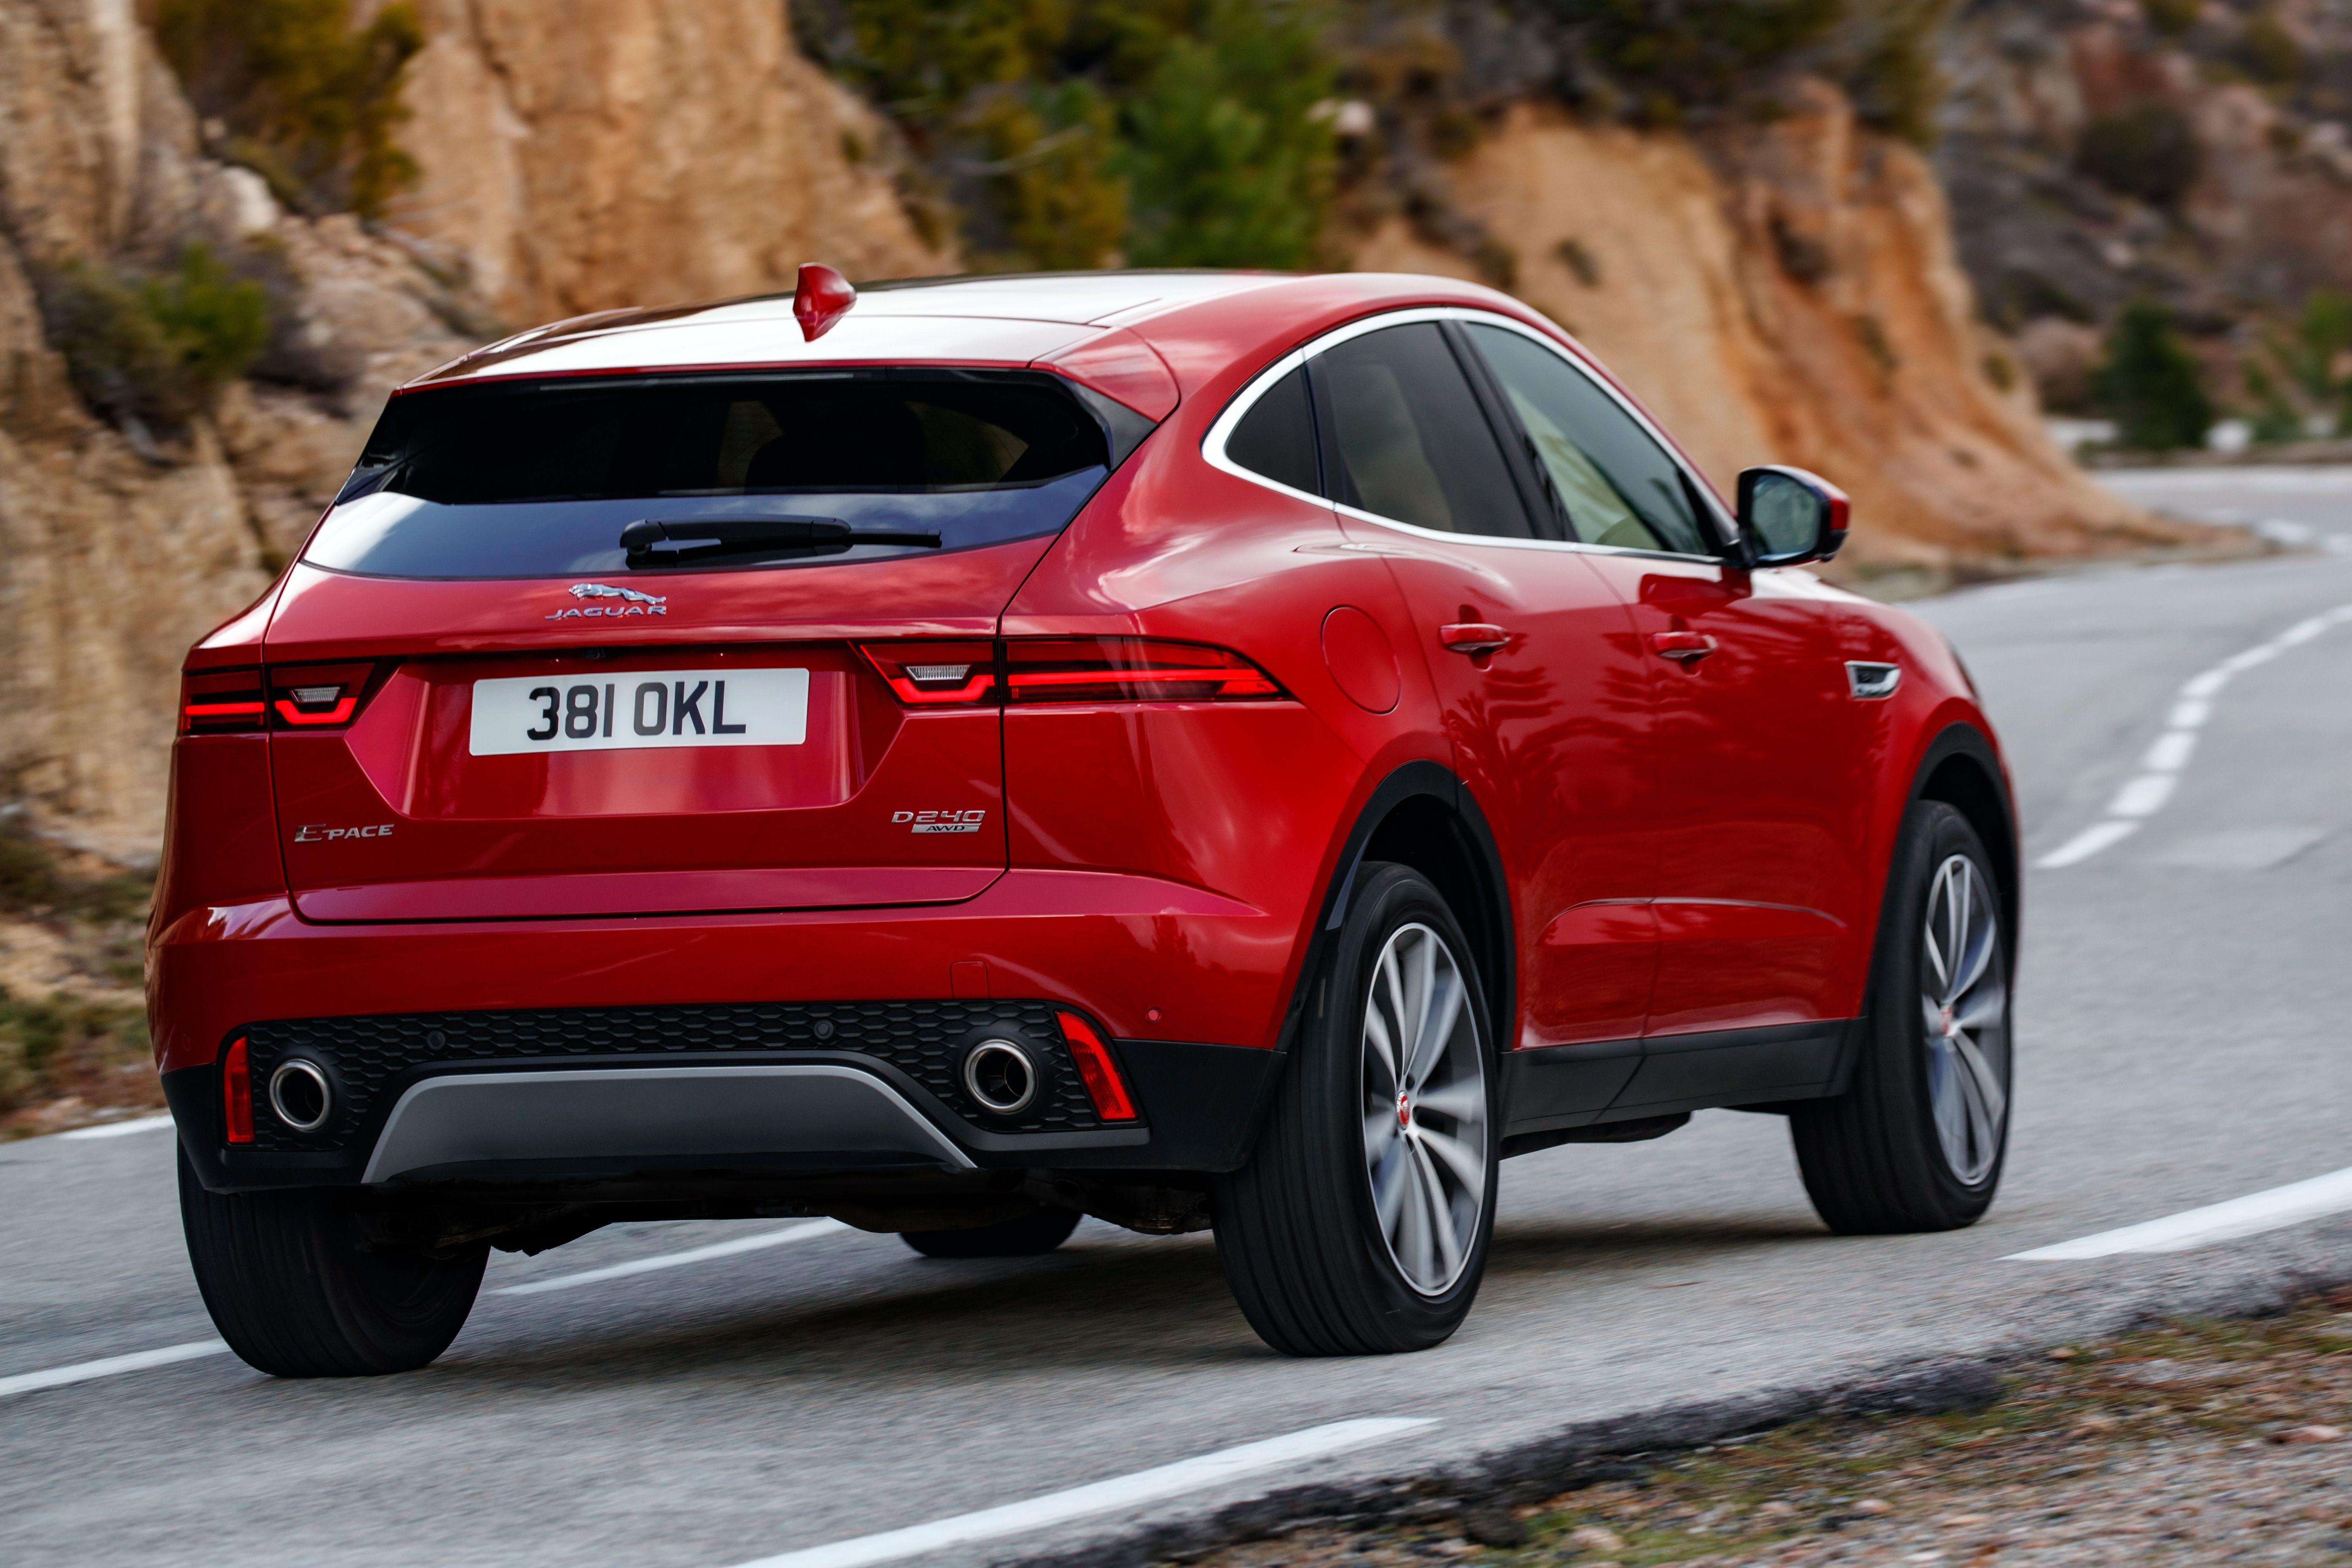 Jaguar Land Rover Komt Met De Oplossing Voor Wagenziekte Jaguar Jaguar Auto Land Rover